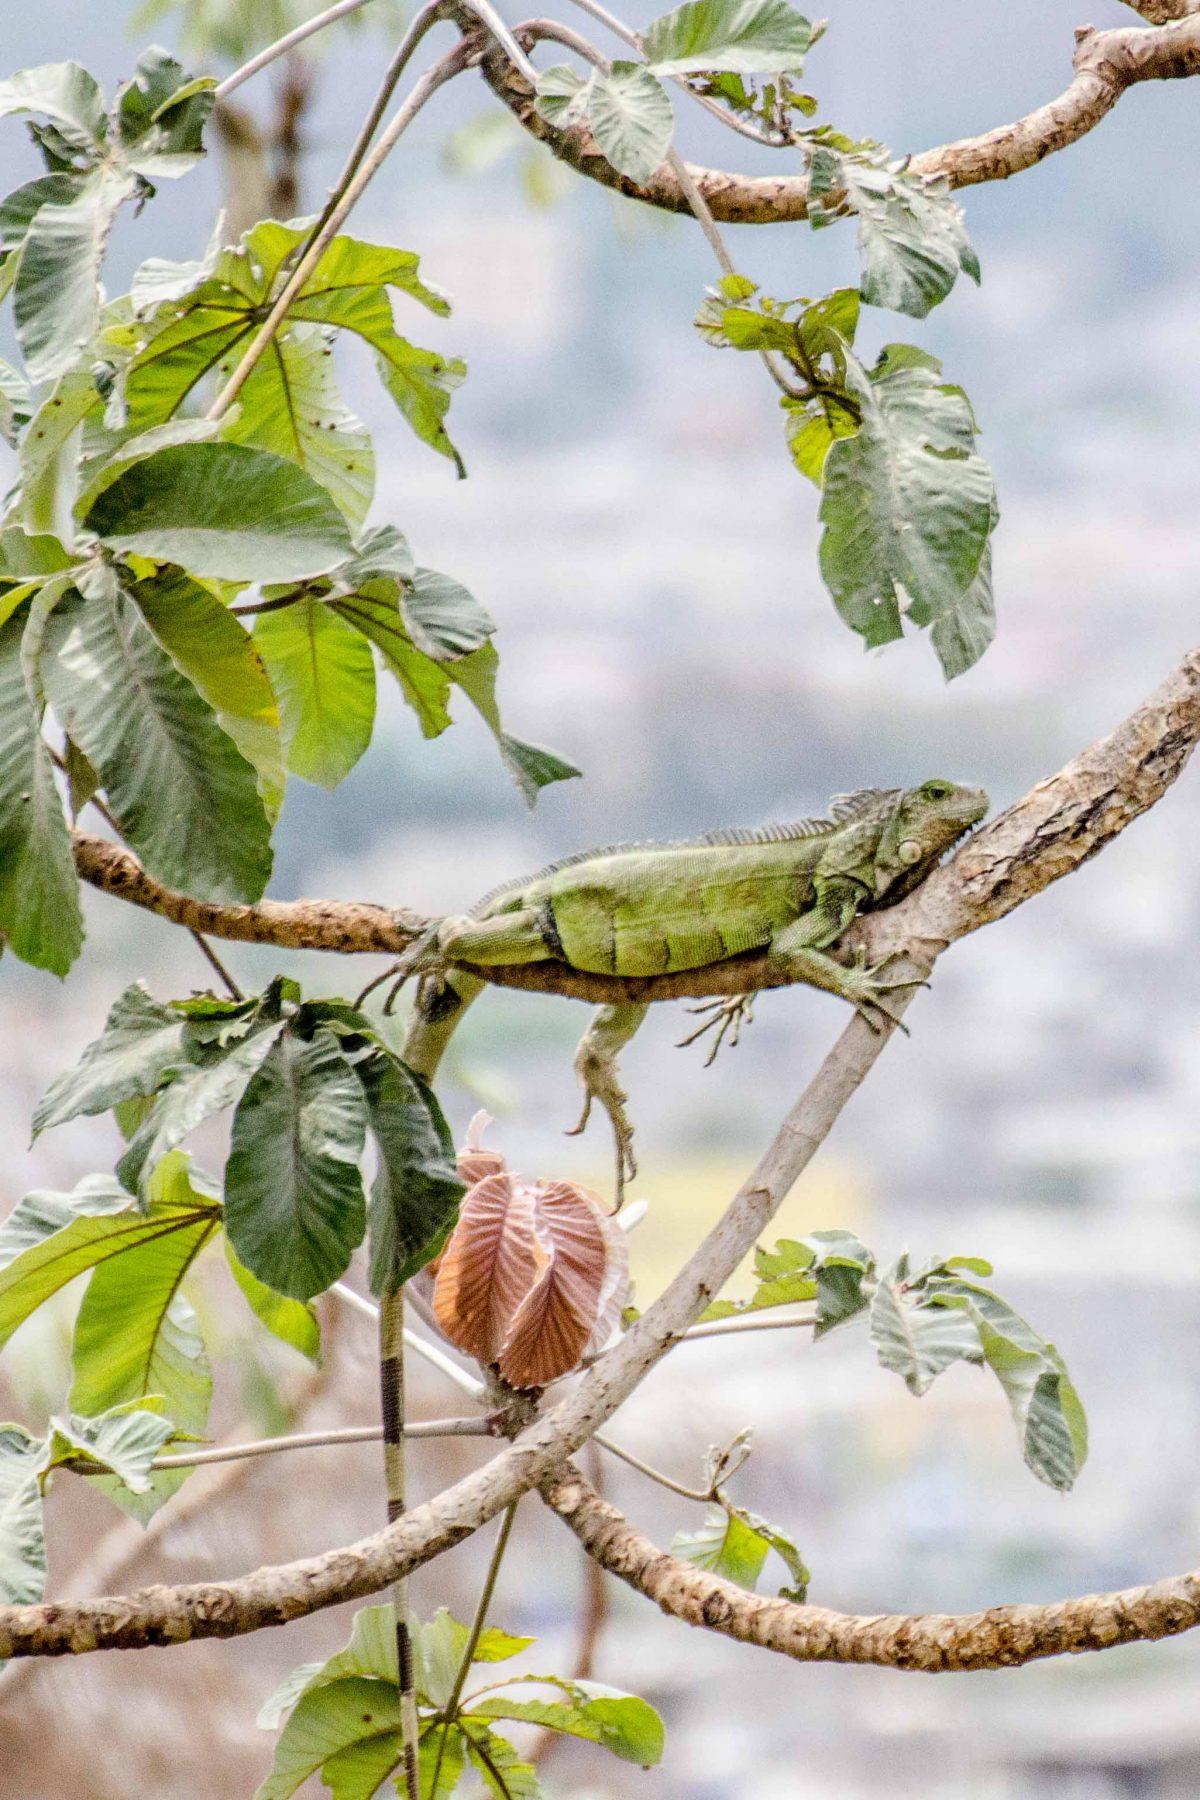 A Green Iguana, Jardin Botanico, Guayaquil, Ecuador | © Angie Drake / Ecuador Por Mis Ojos